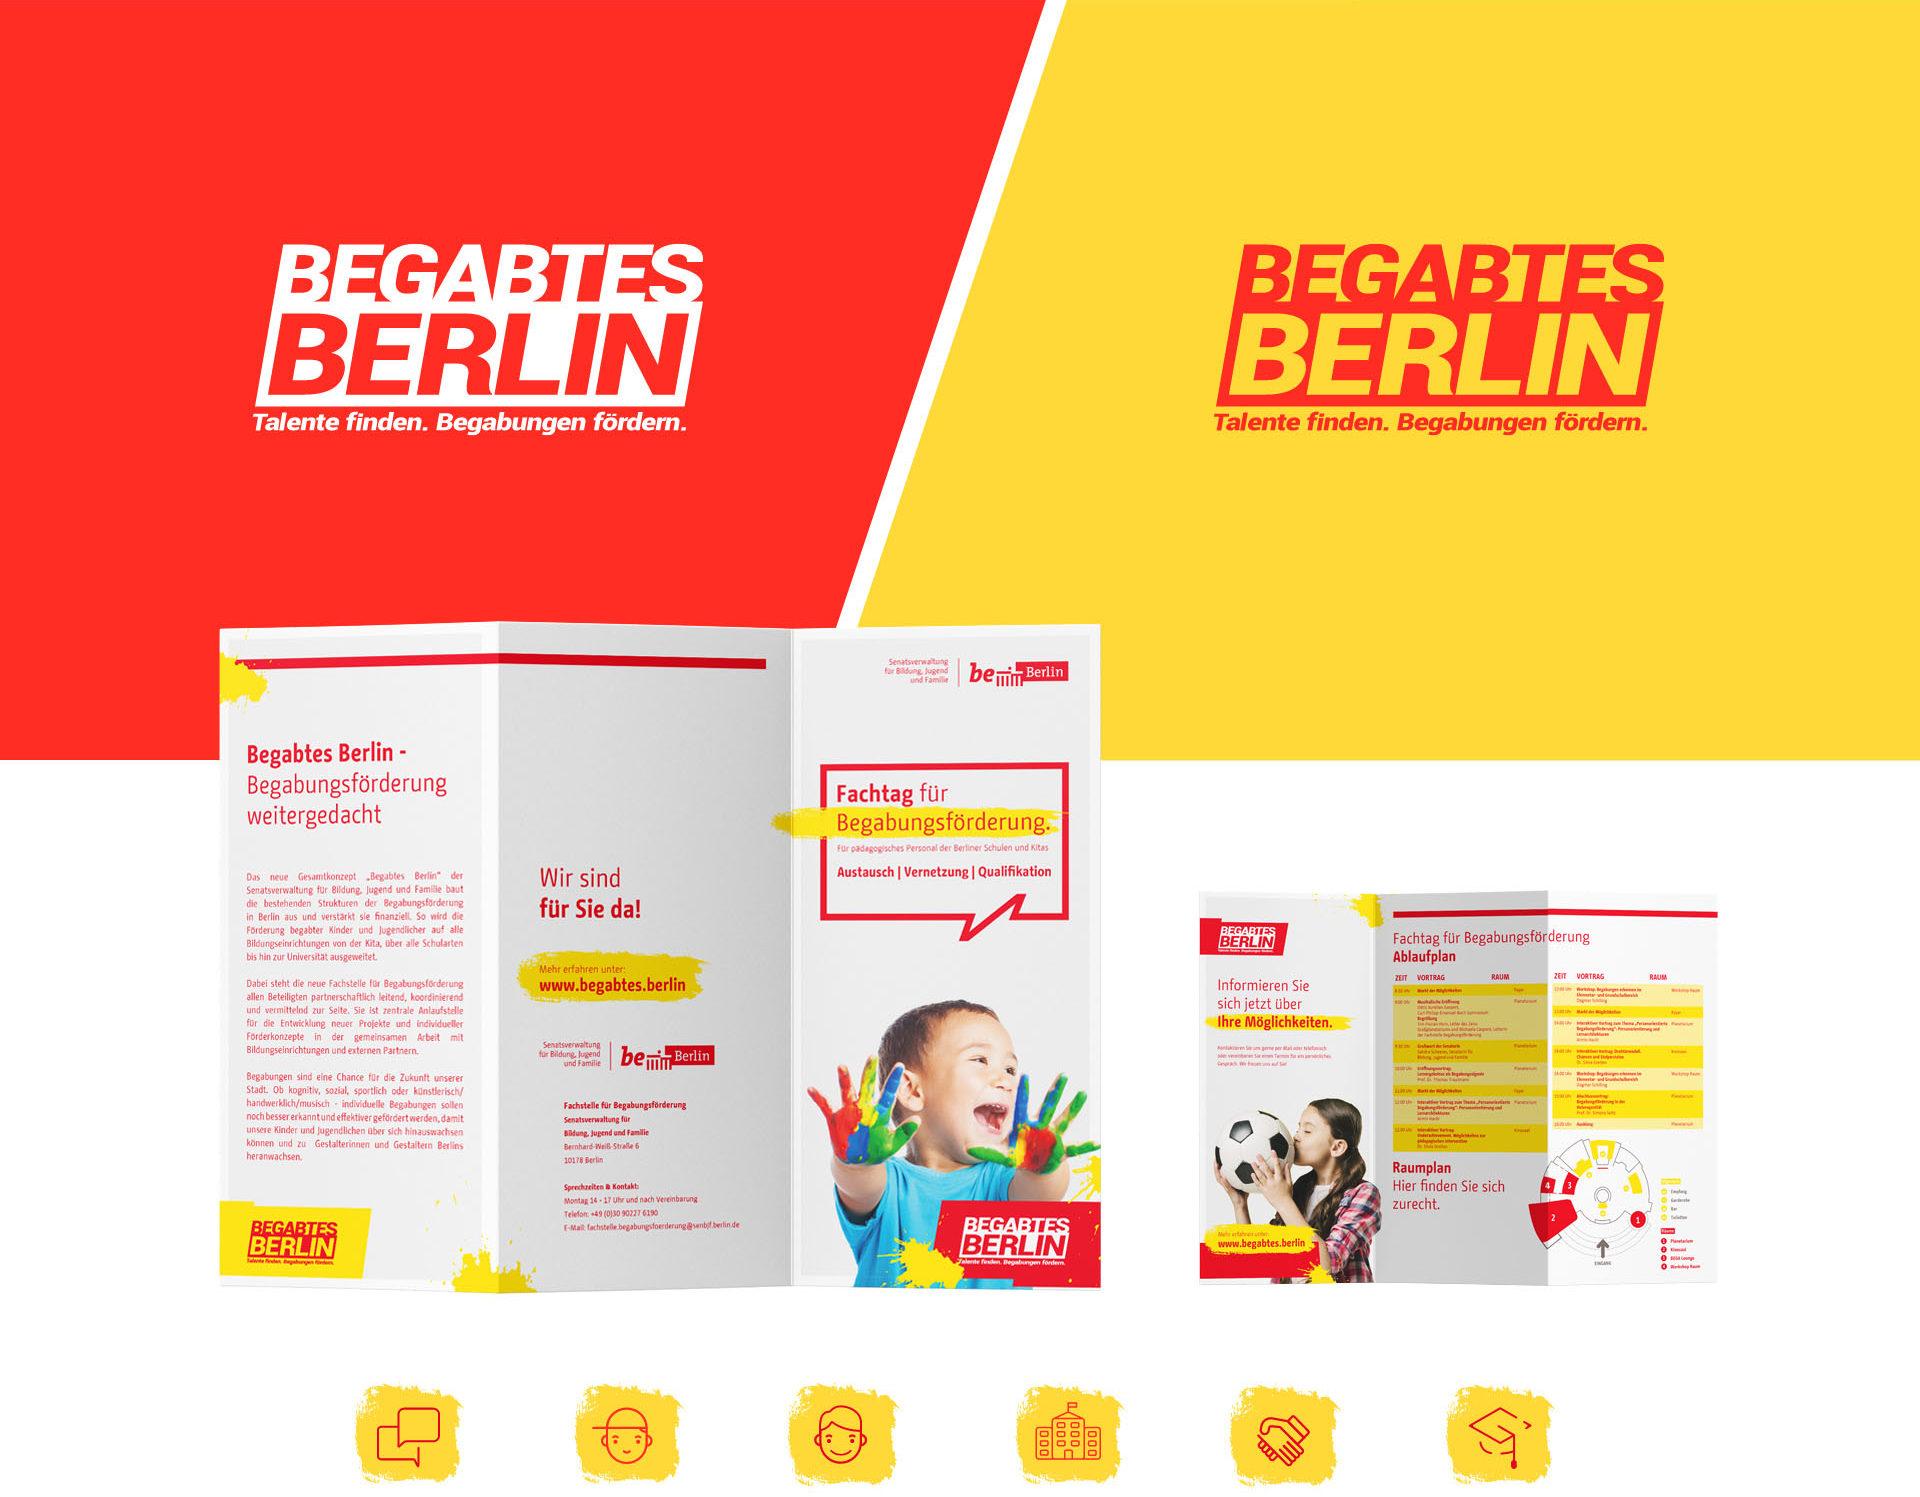 Beispiele für das Design von Begabtes Berlin. Zu sehen sind verschiedenfarbige Hintergründe, Flyer und Icons. Primärfarben sind Rot, Gelb und Weiß.